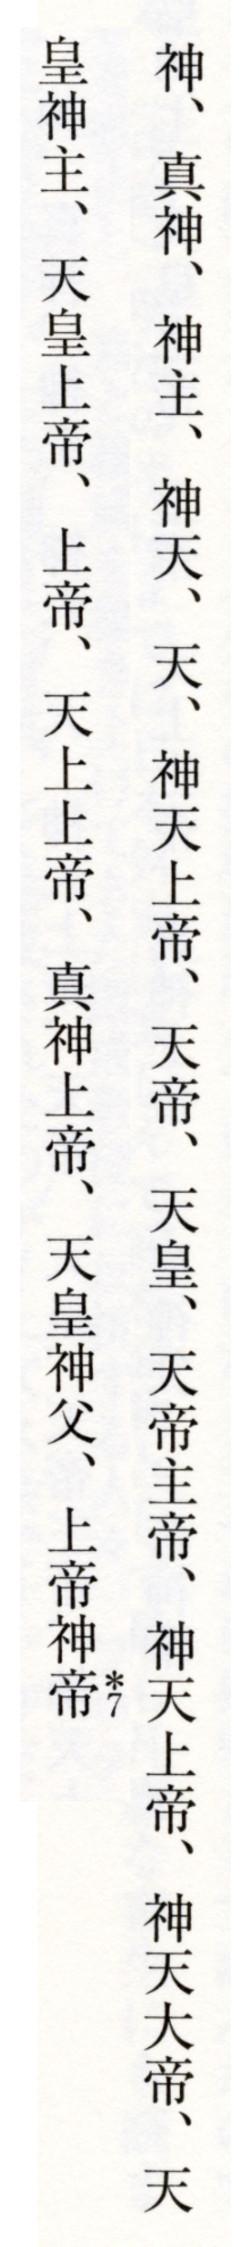 Nihonnkaikoku3